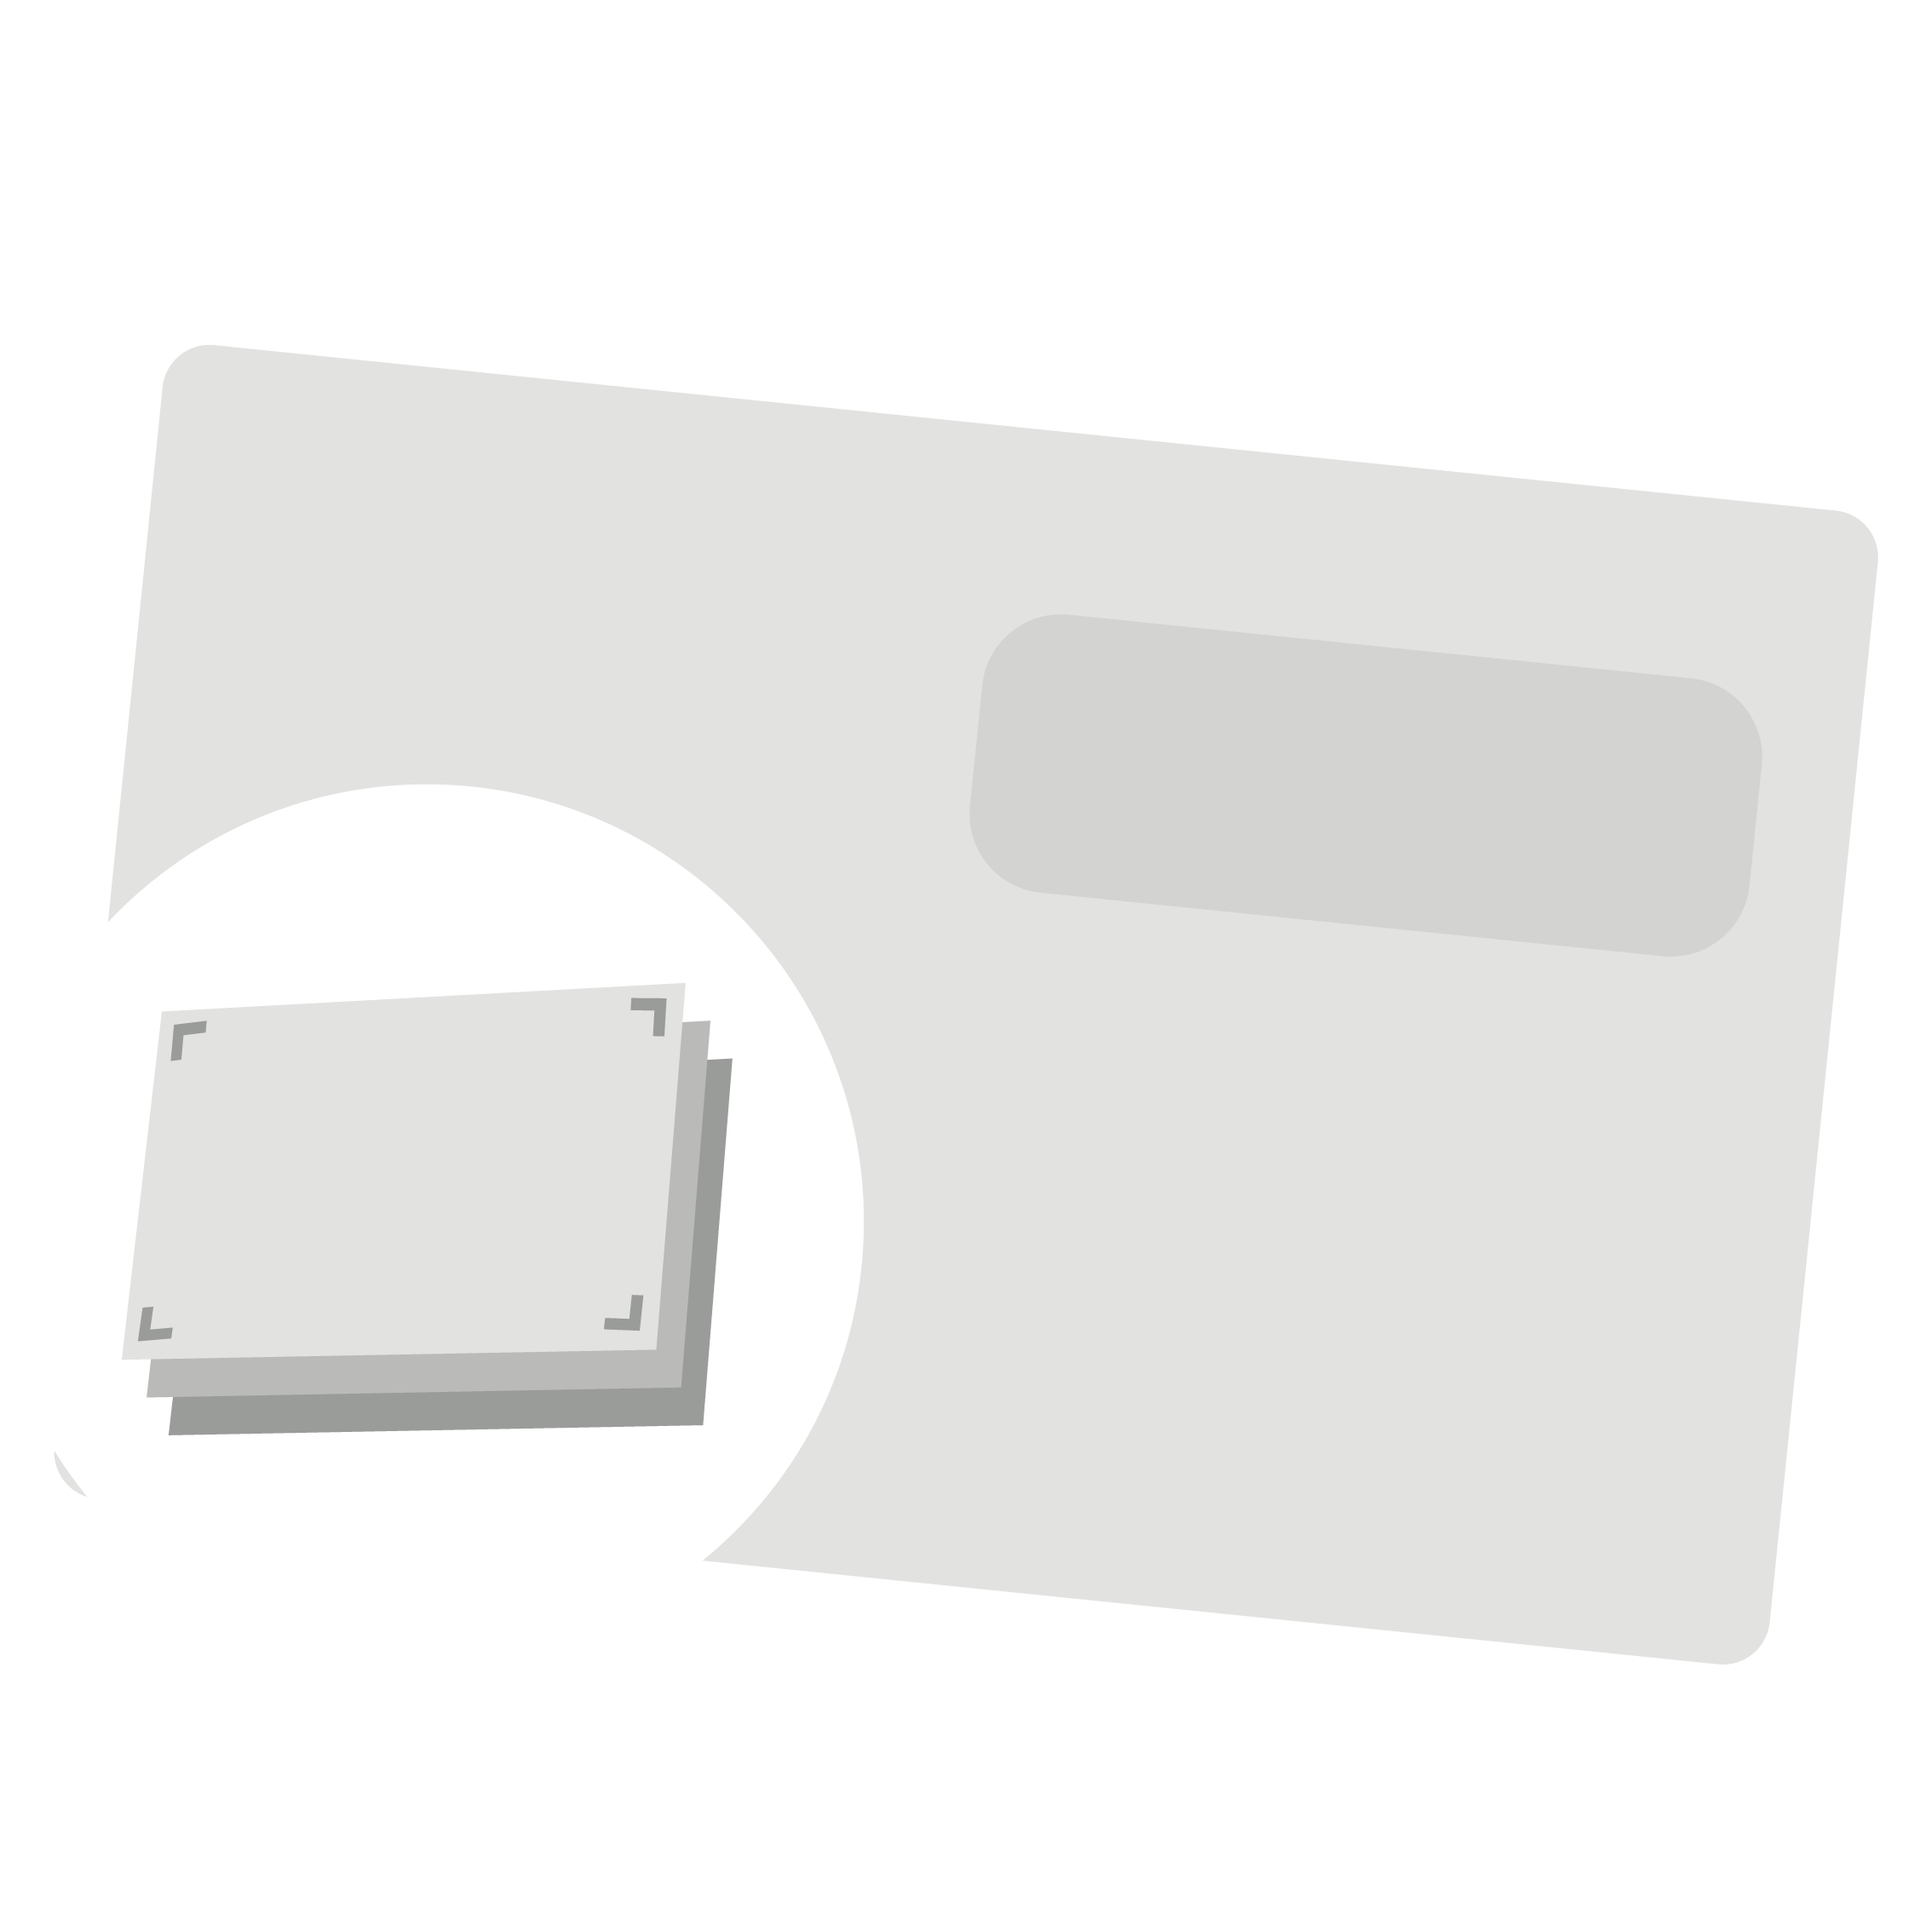 Enveloppen drukken bij Signaal Reclame